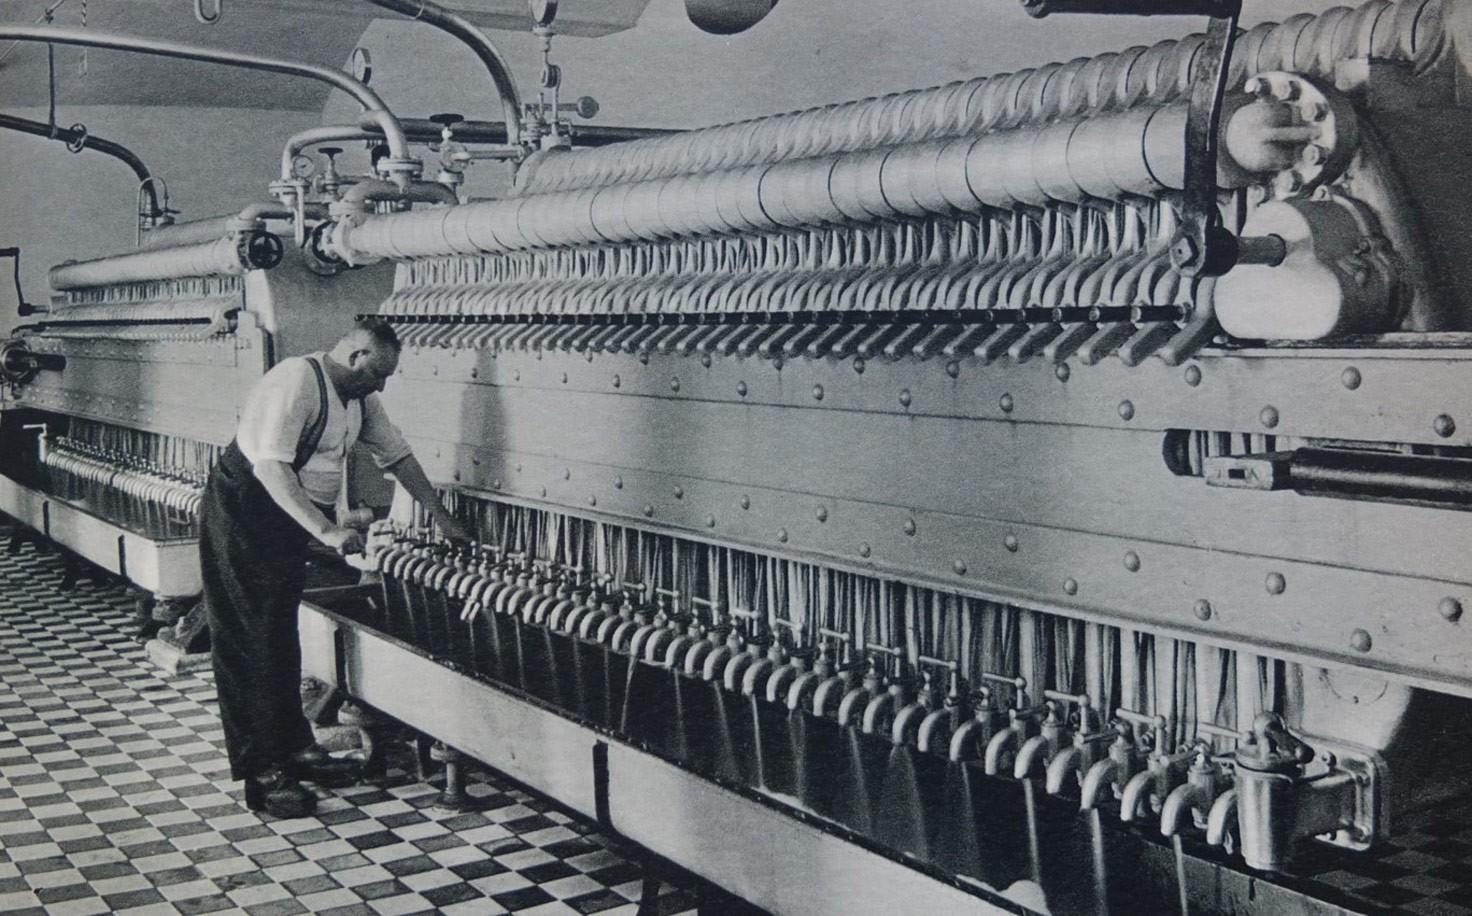 Mann an der Maischfilteranlage einer Brauerei, historische Aufnahme